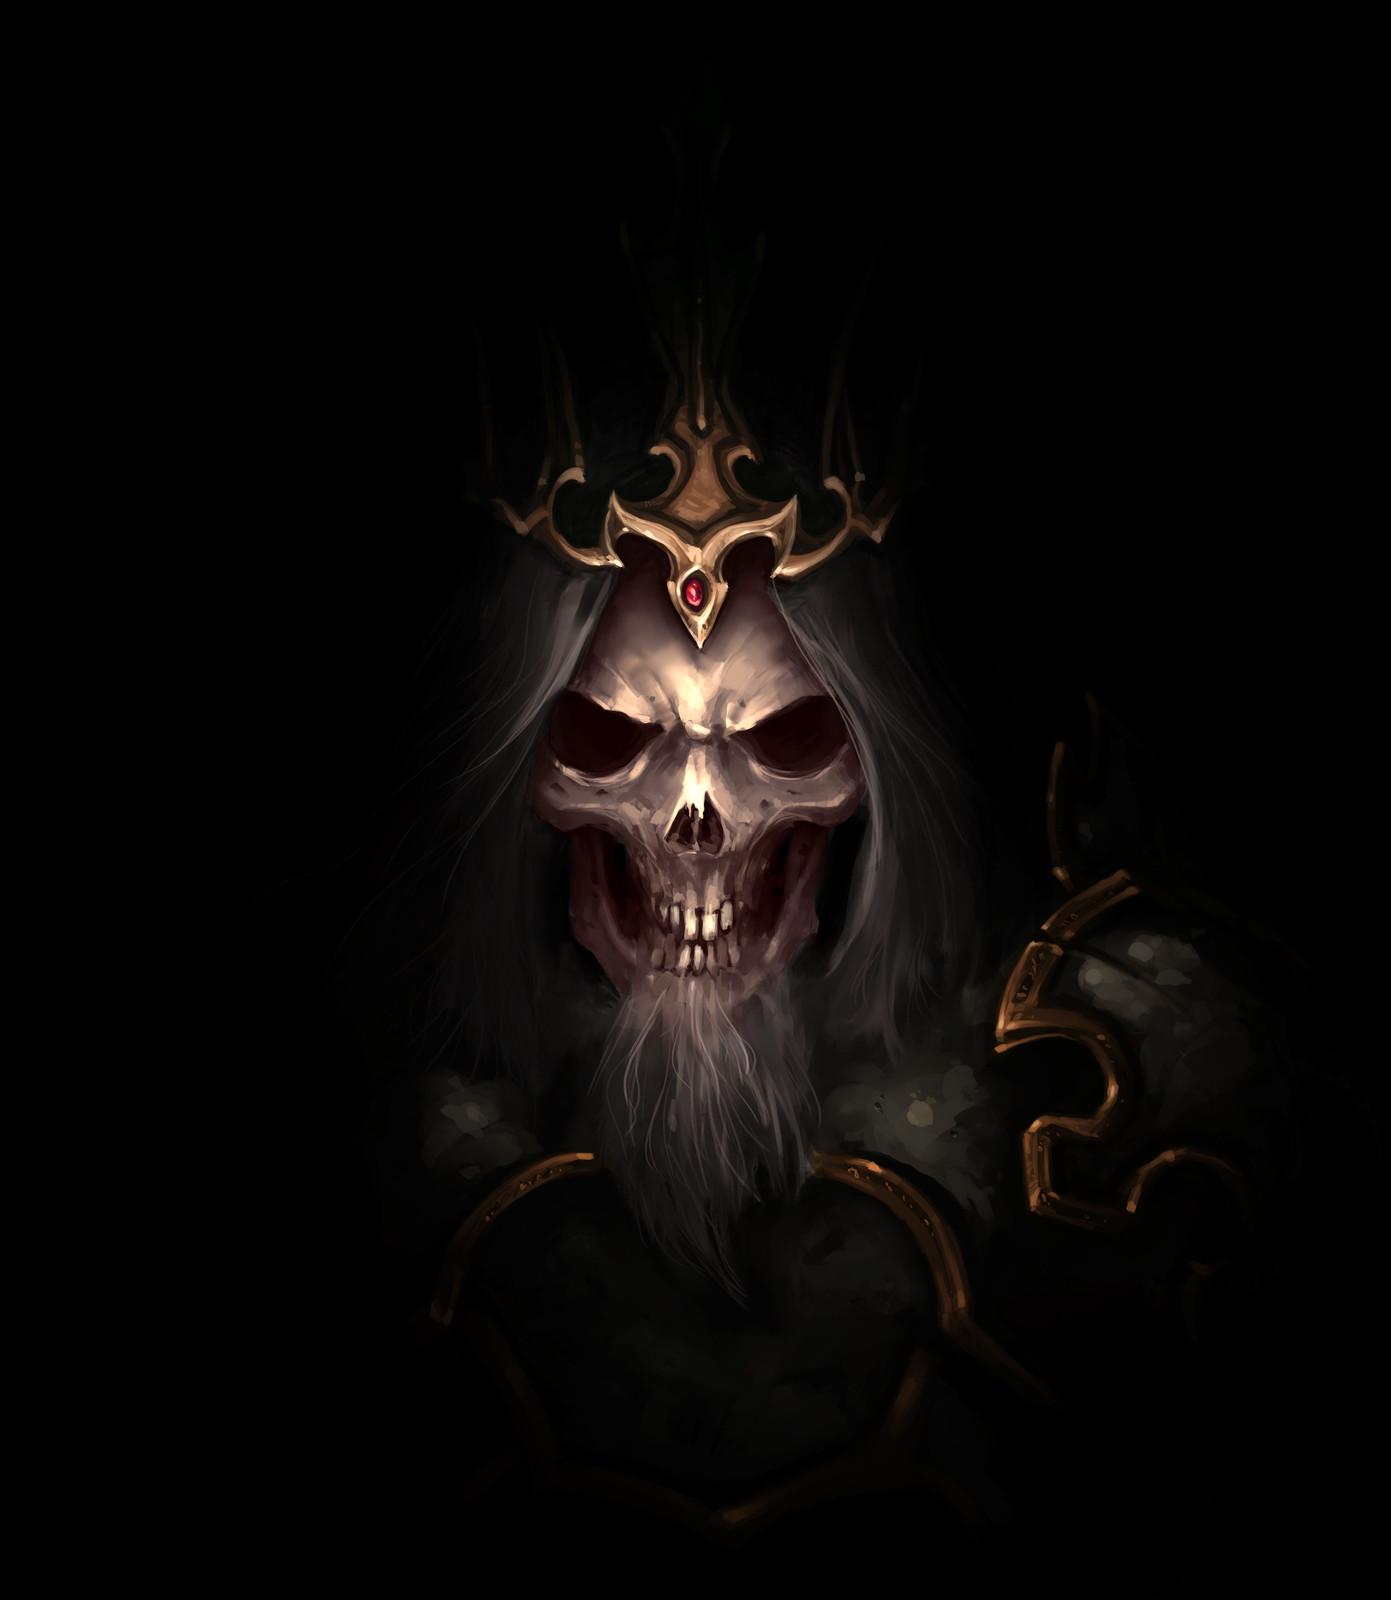 Diablo 3 - Evil Faces